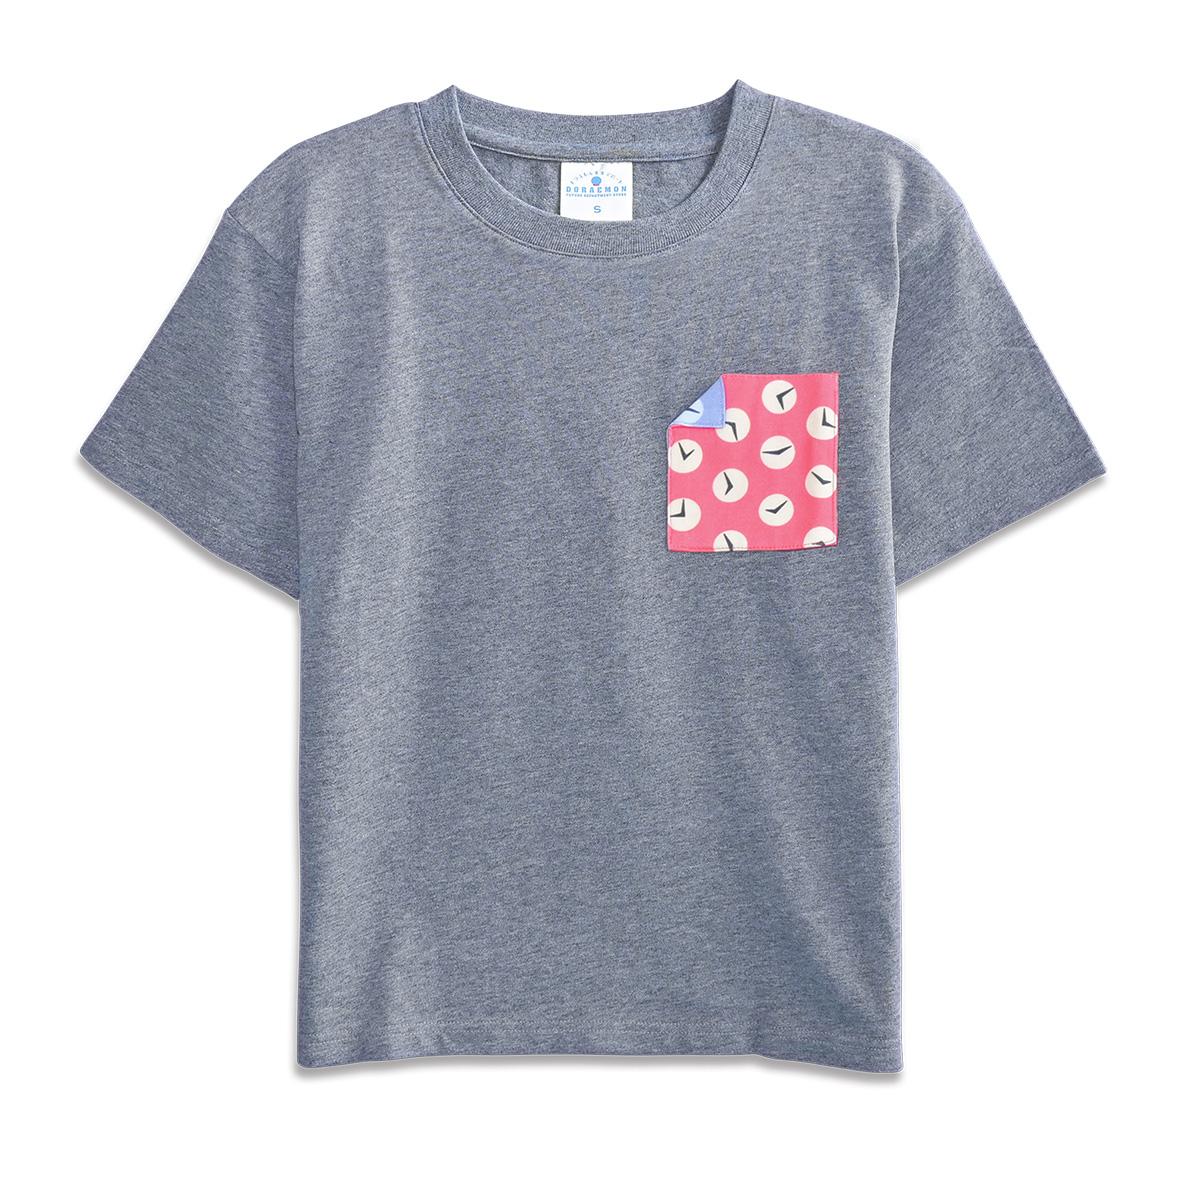 ドラえもん ポケットTシャツ タイムふろしき M